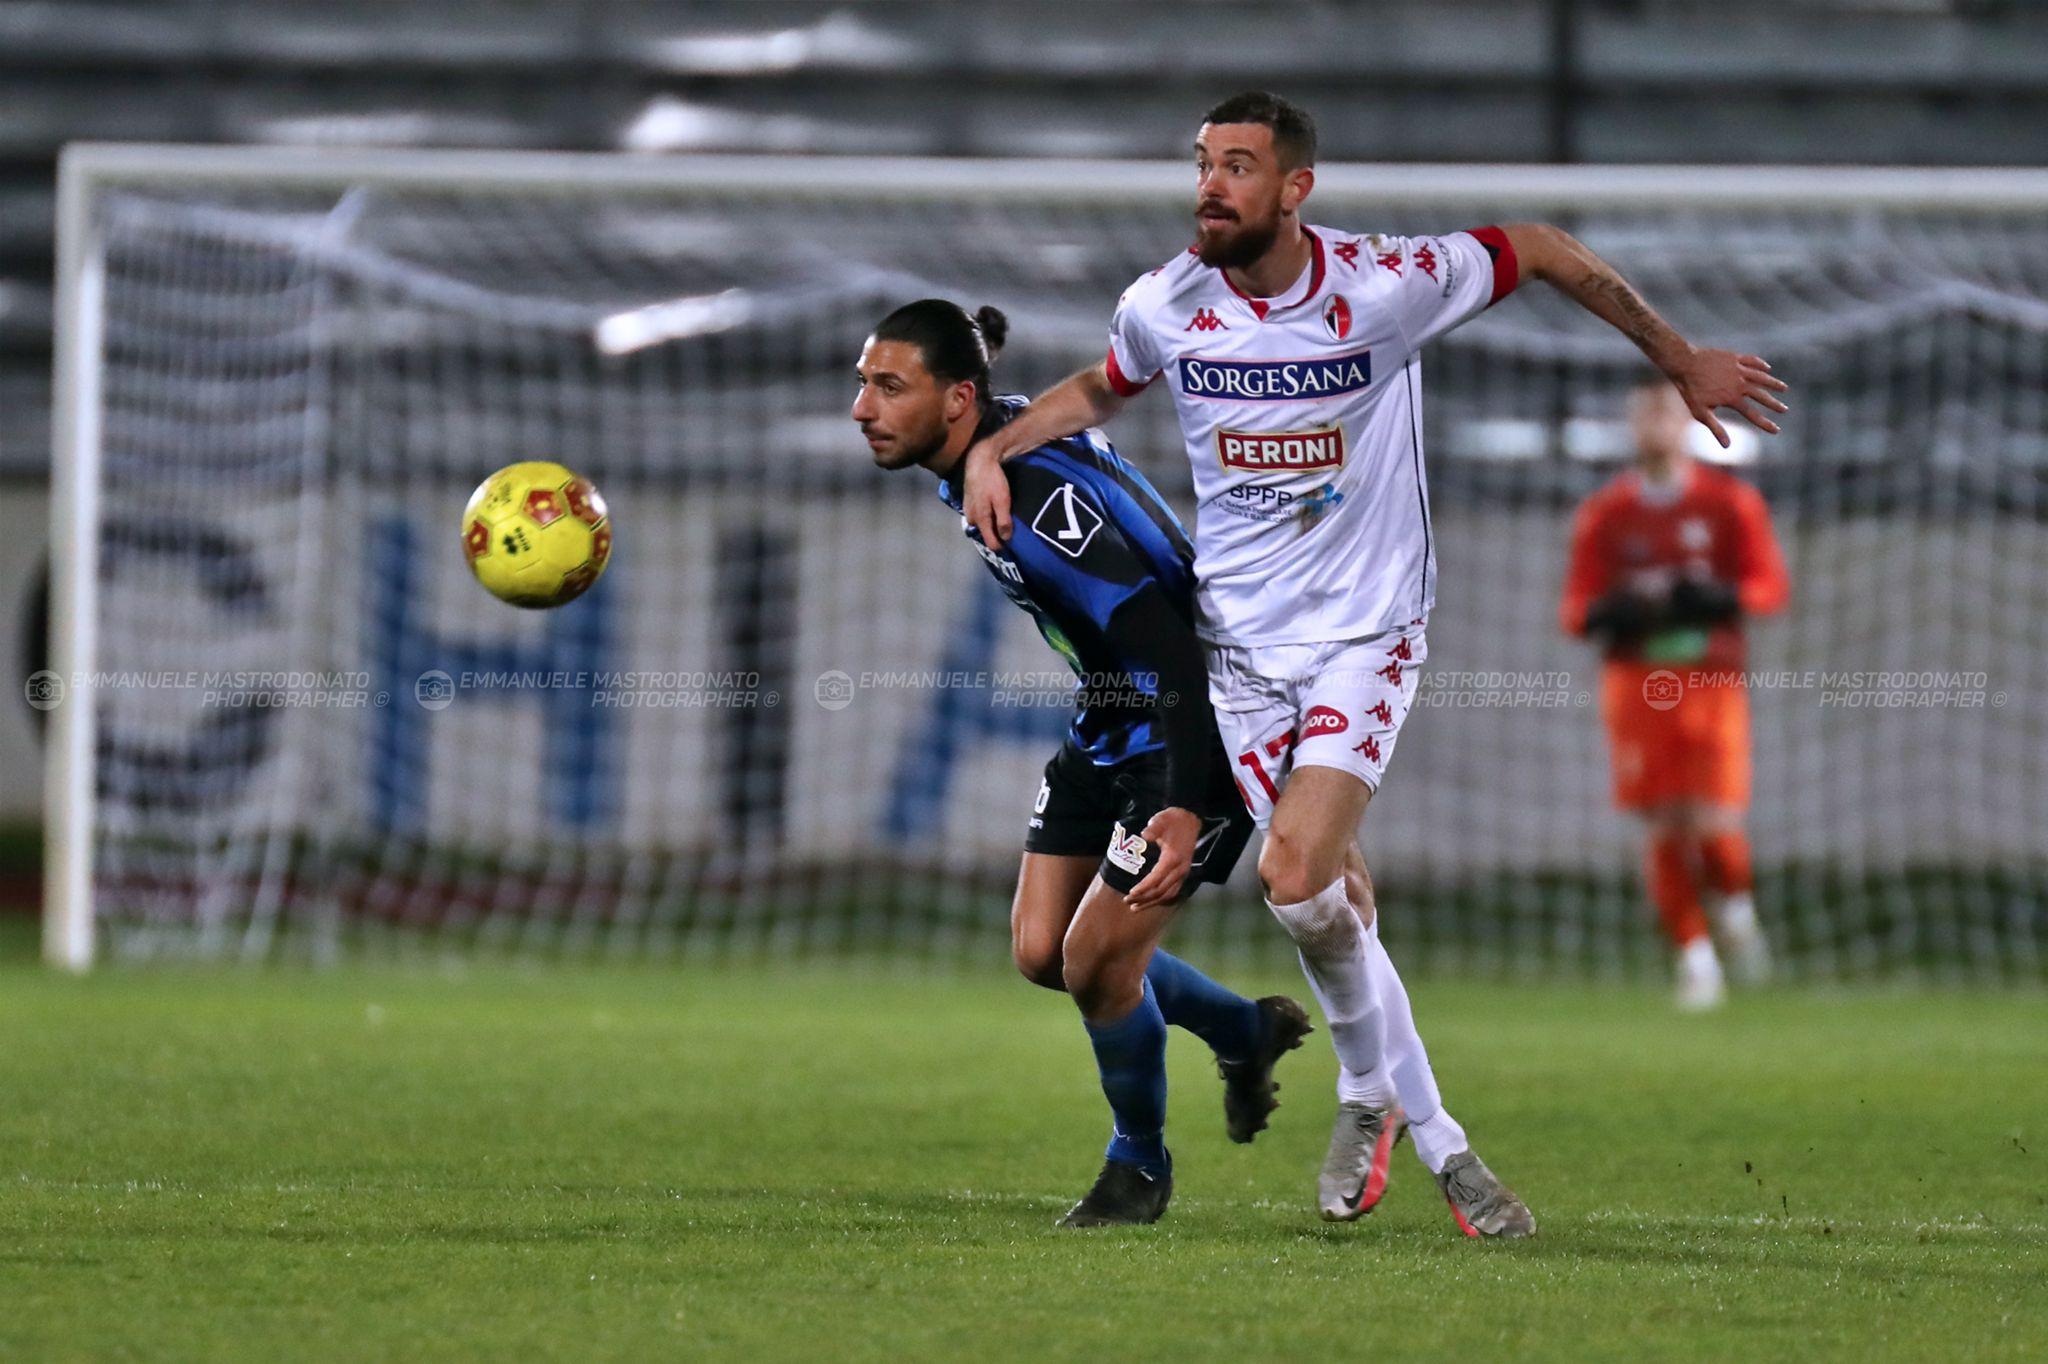 Bisceglie castigato nei minuti finali nel derby contro il Bari